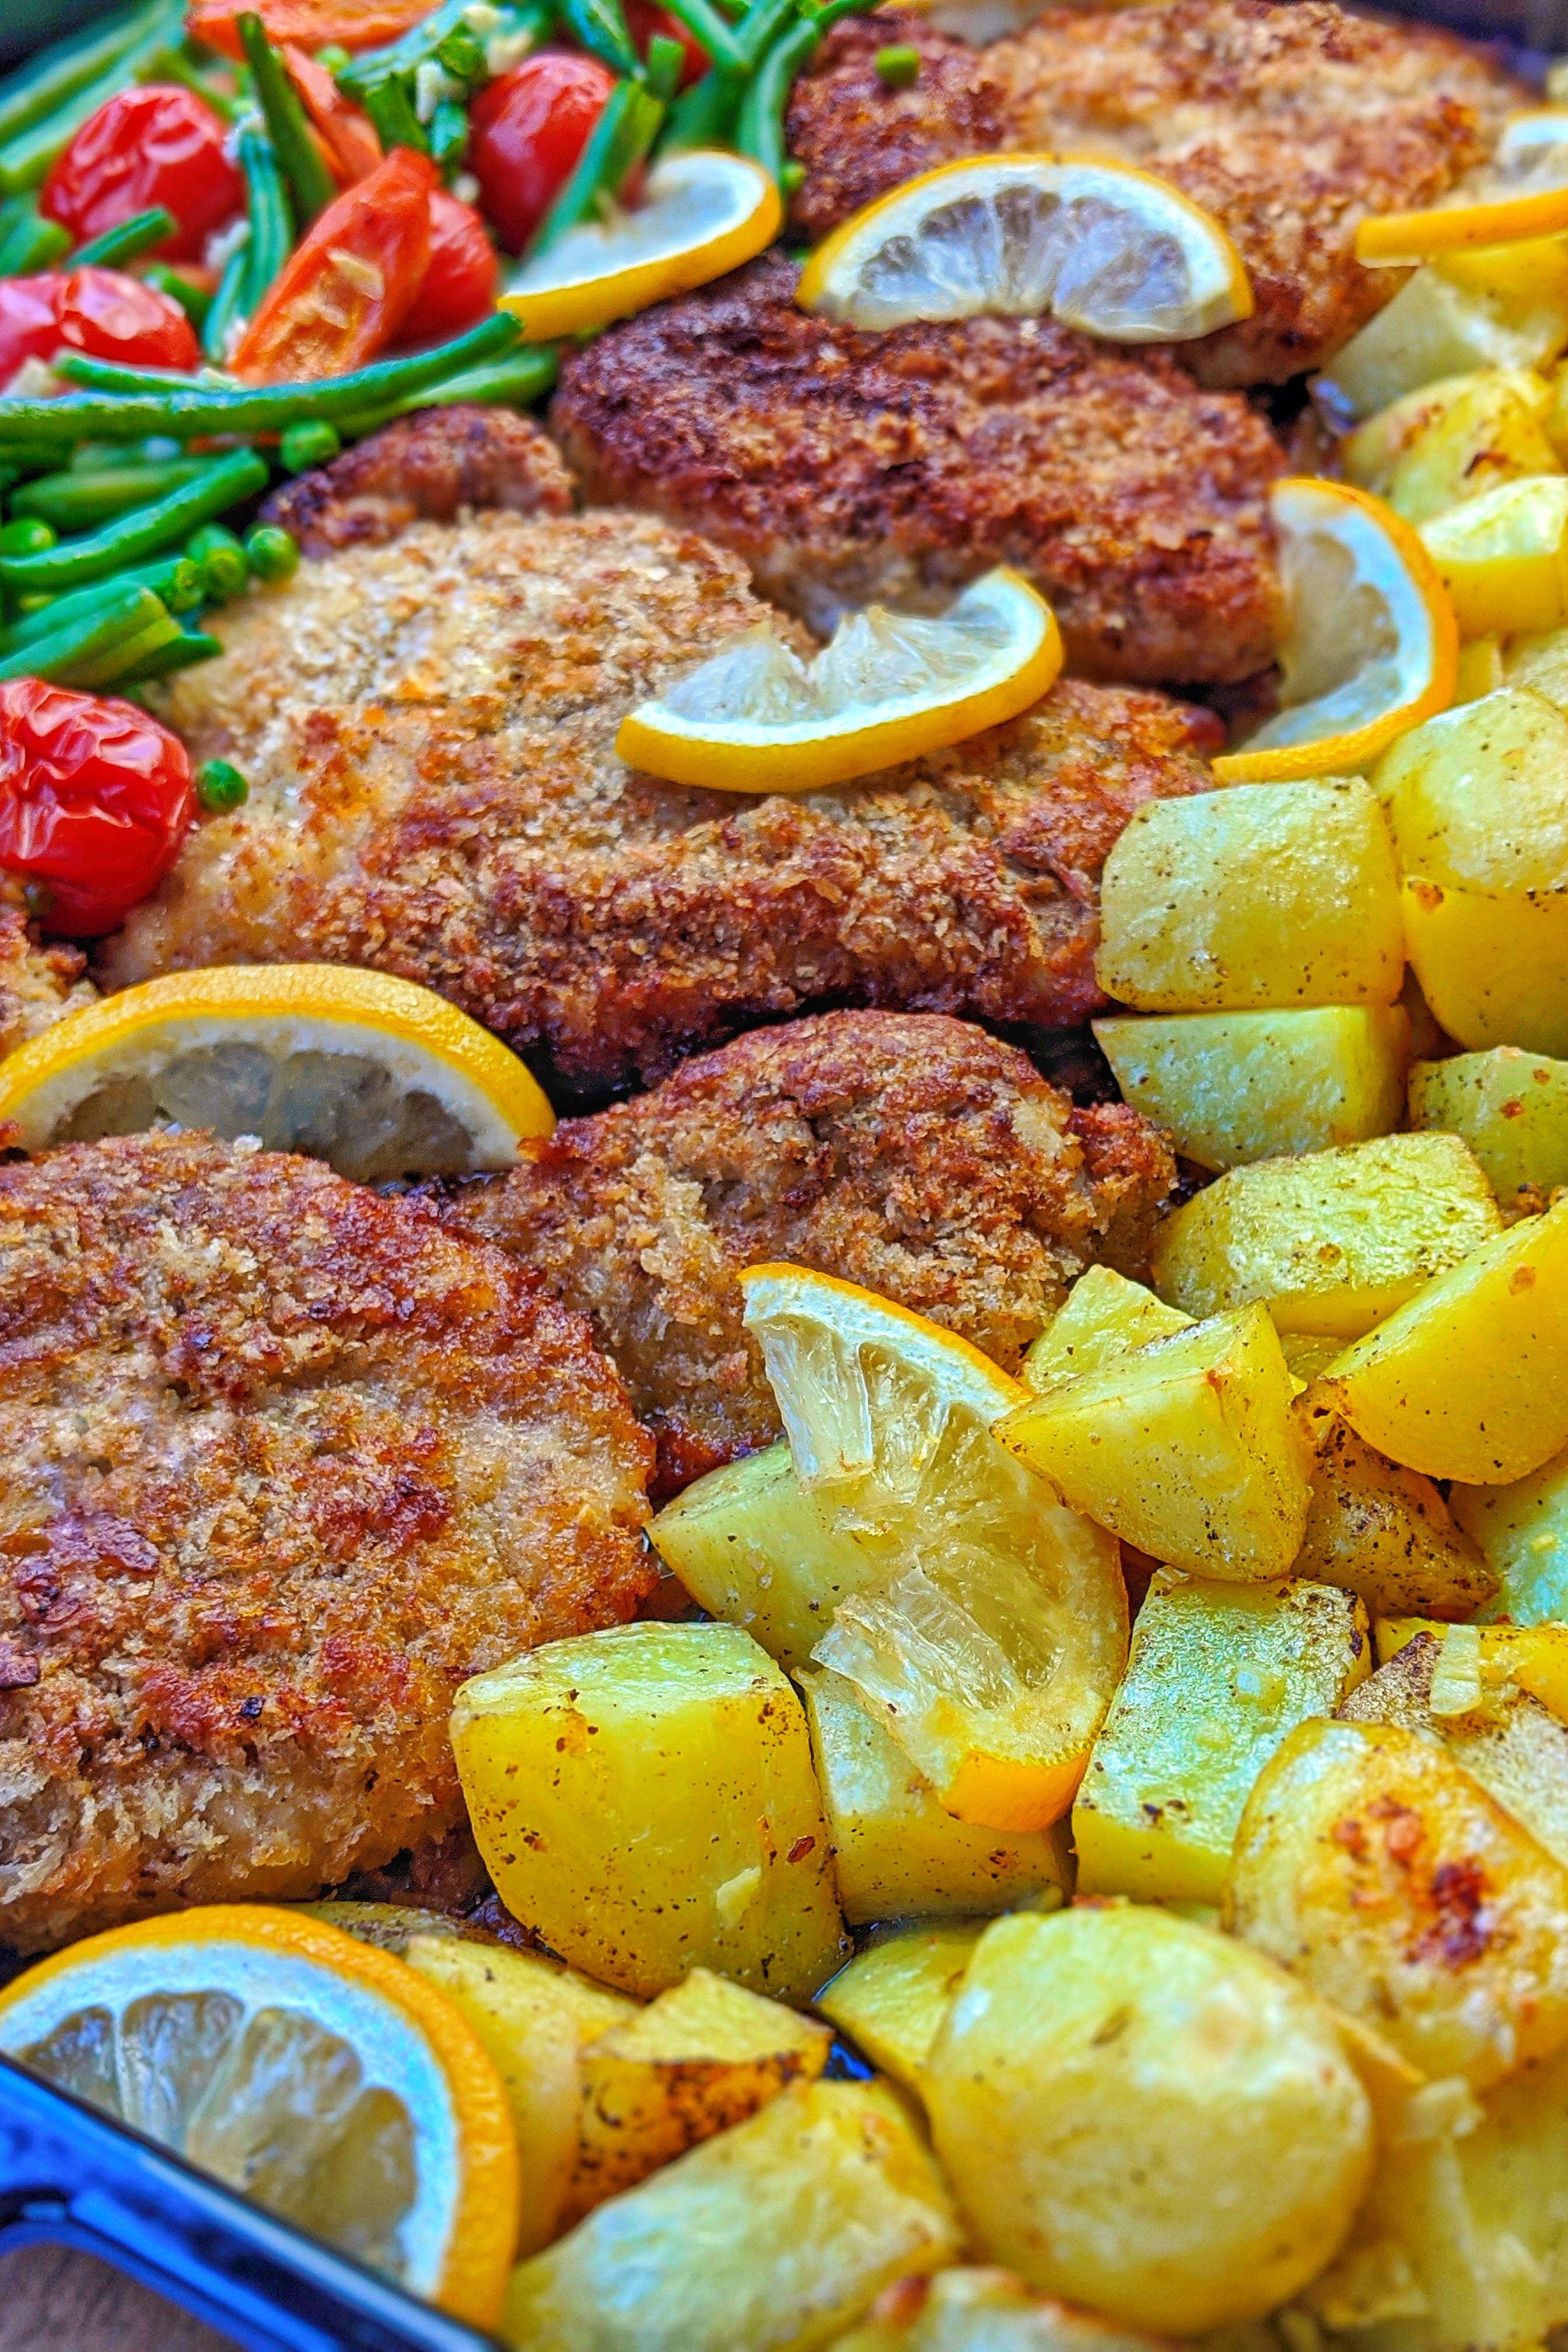 Parmesan Hähnchenschnitzel aus dem Ofen mit Gemüse und Kartoffeln - Fertig in 35 Minuten